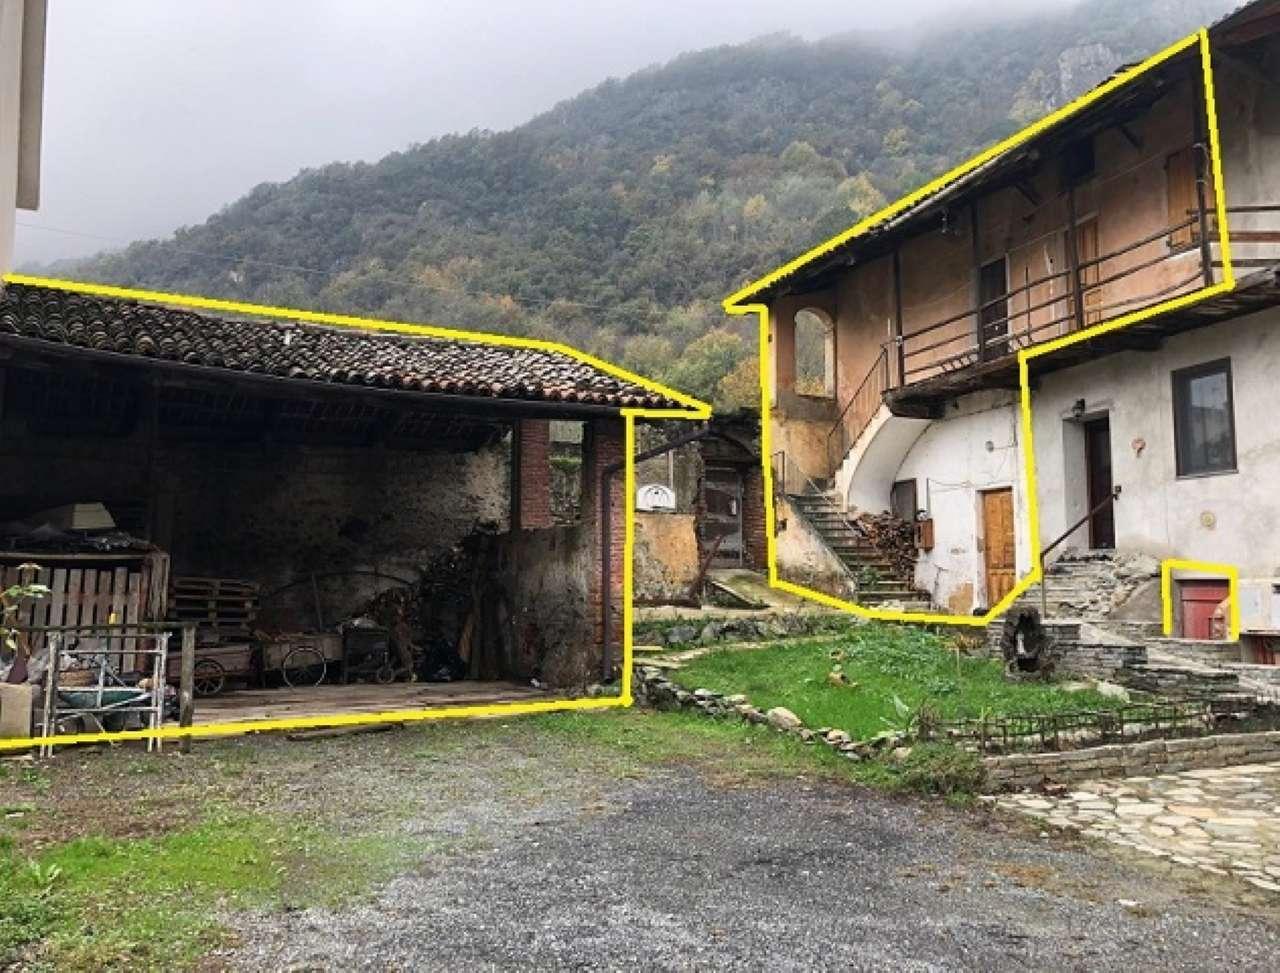 Rustico / Casale in vendita a Sant'Ambrogio di Torino, 4 locali, prezzo € 25.000 | CambioCasa.it